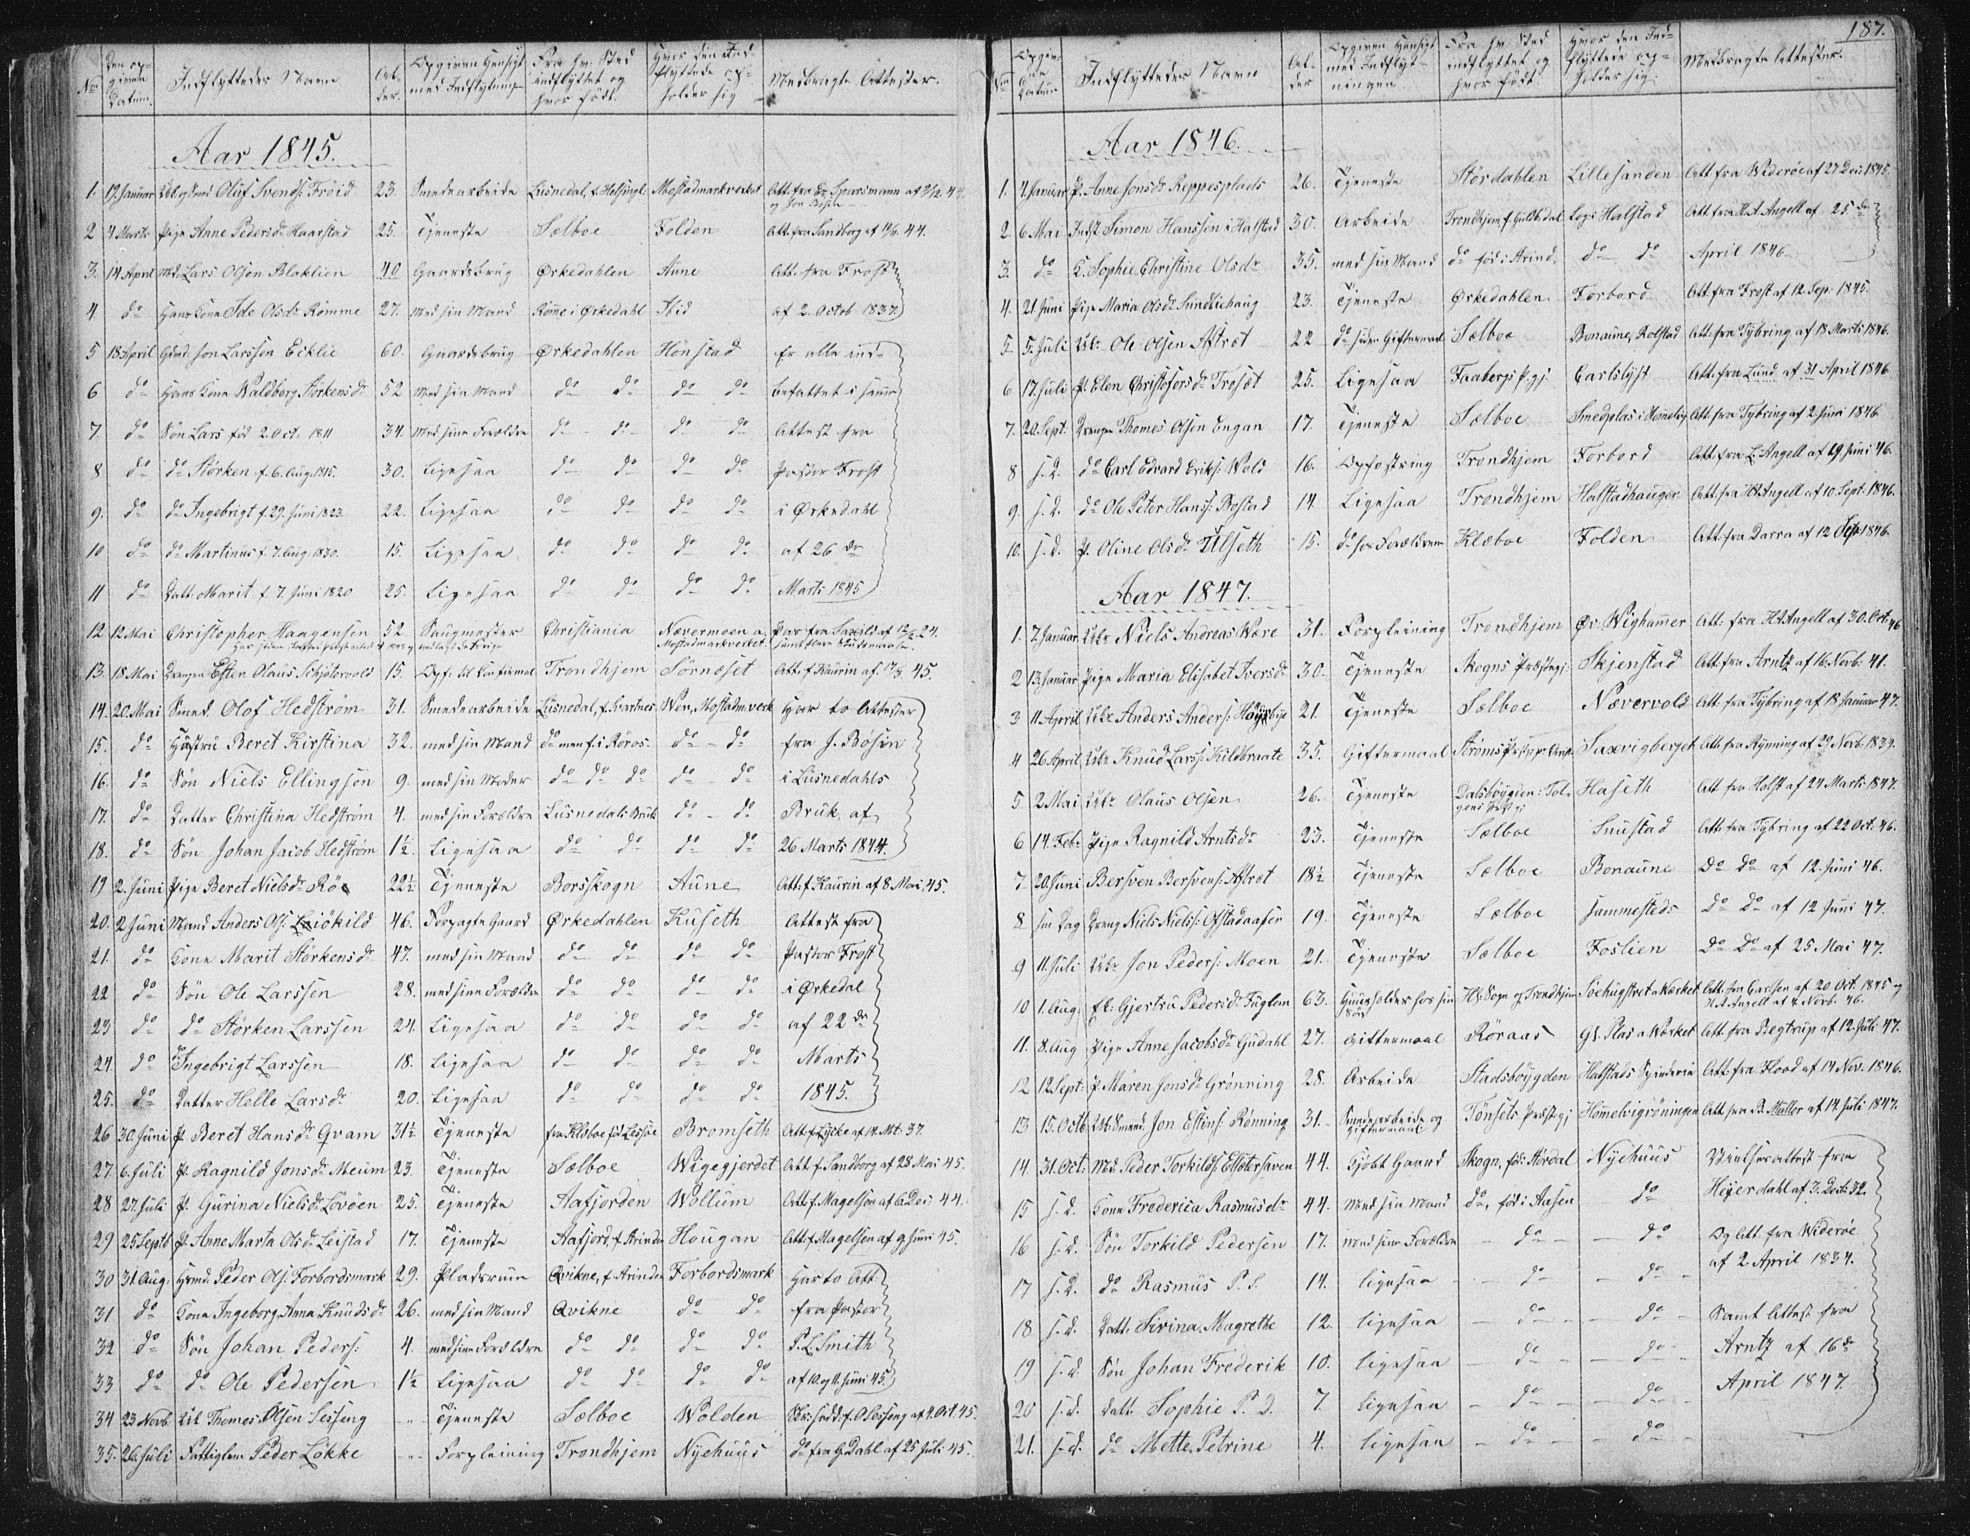 SAT, Ministerialprotokoller, klokkerbøker og fødselsregistre - Sør-Trøndelag, 616/L0406: Ministerialbok nr. 616A03, 1843-1879, s. 187